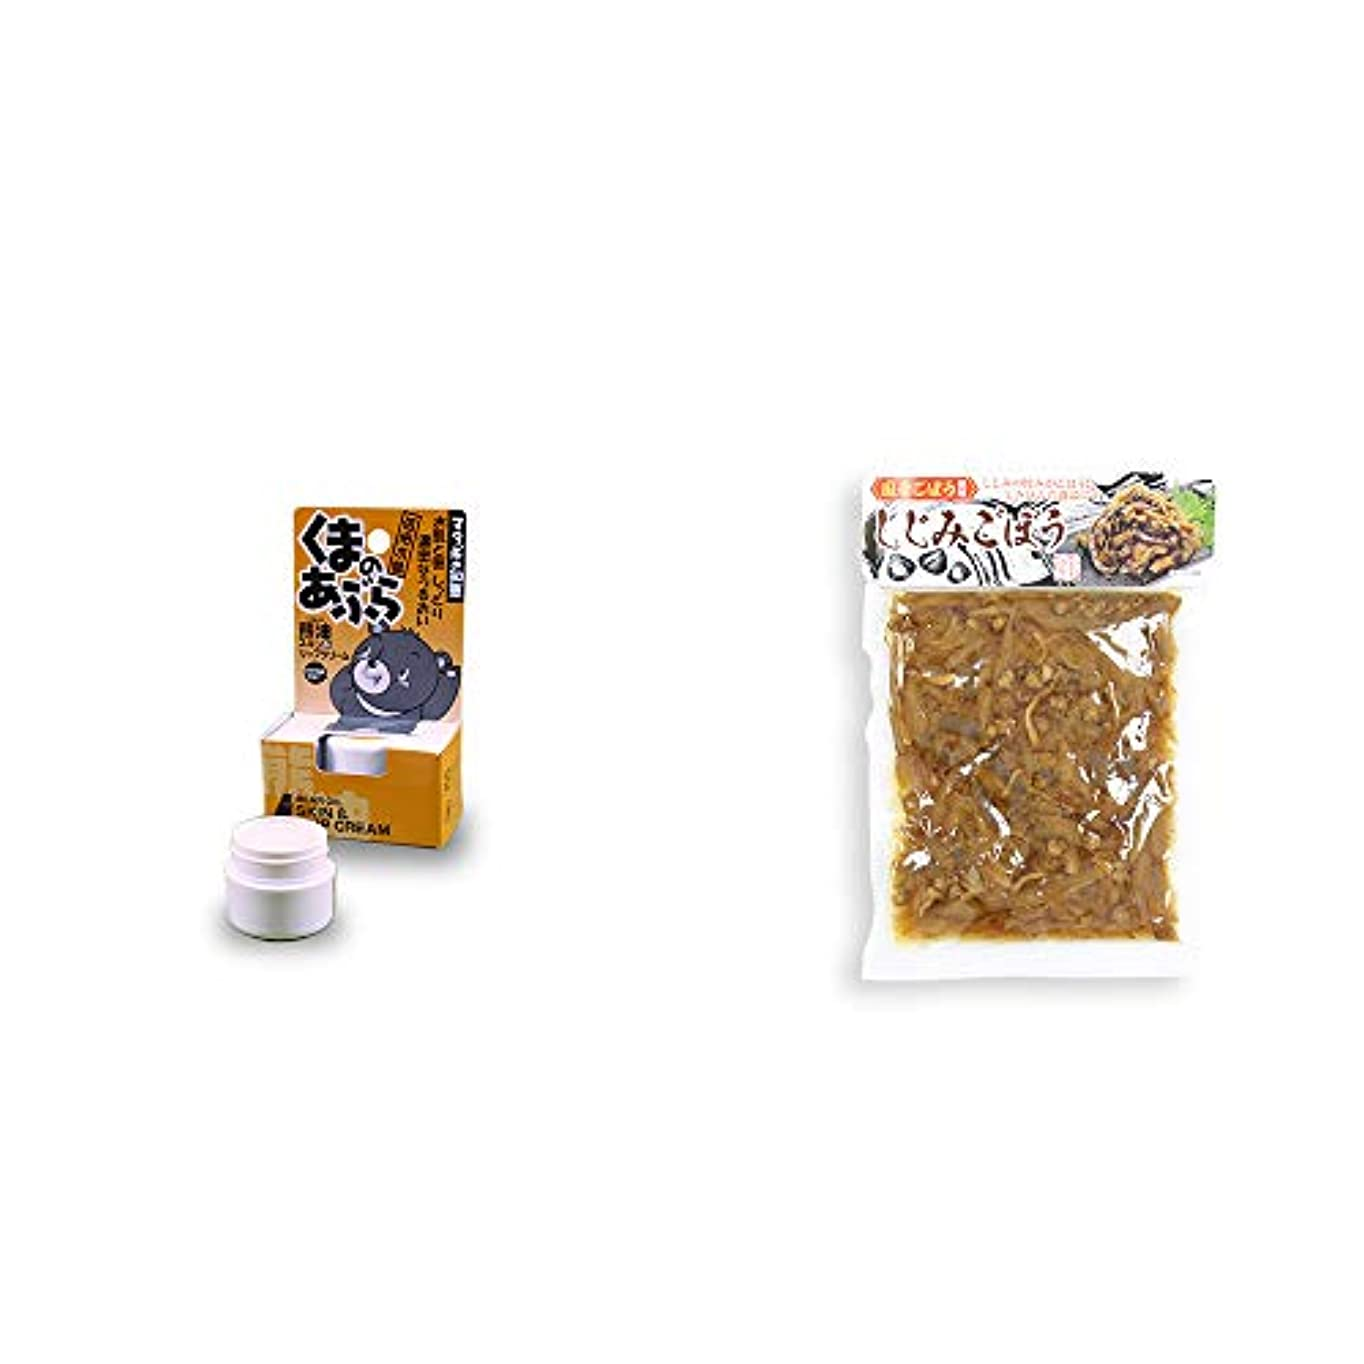 [2点セット] 信州木曽 くまのあぶら 熊油スキン&リップクリーム(9g)?しじみごぼう(300g)